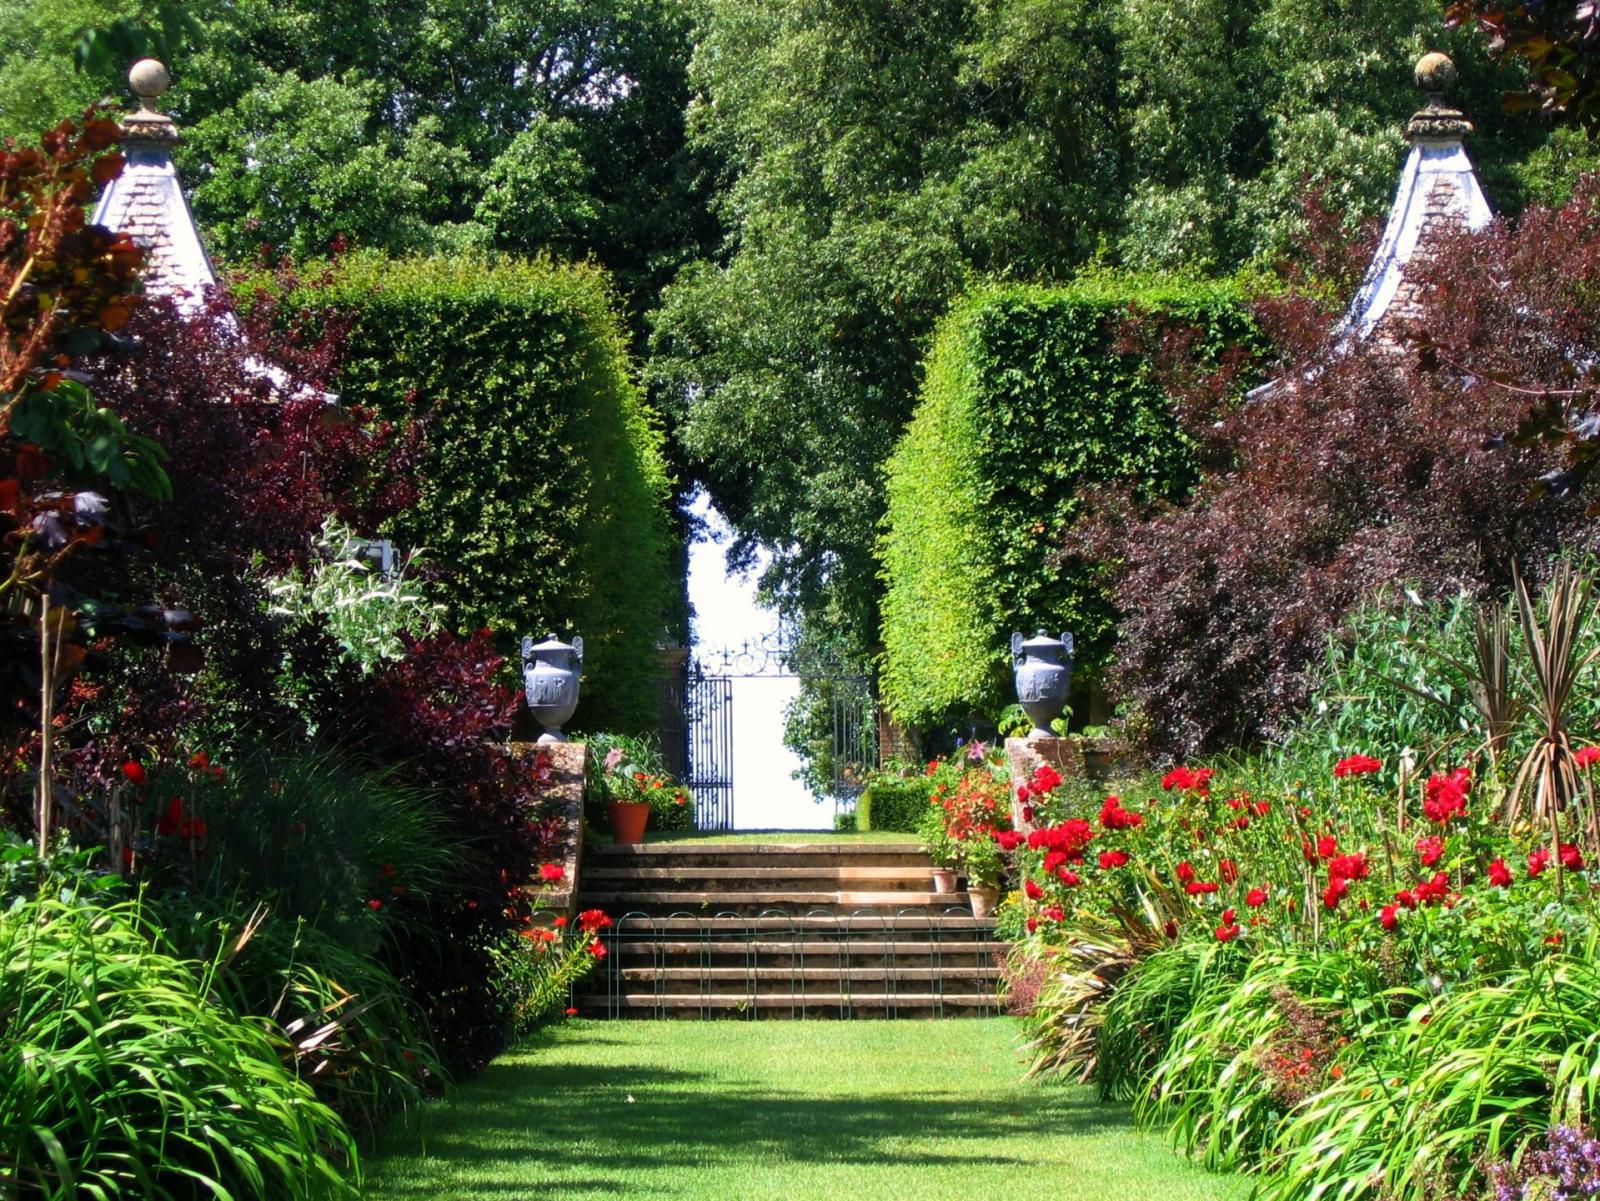 http://1.bp.blogspot.com/_aIrU_NInAww/TS4SDBP3mFI/AAAAAAAAAjE/aV-_Cln5LyM/s1600/jardinesHDwallpapers%20%2820%29.jpg